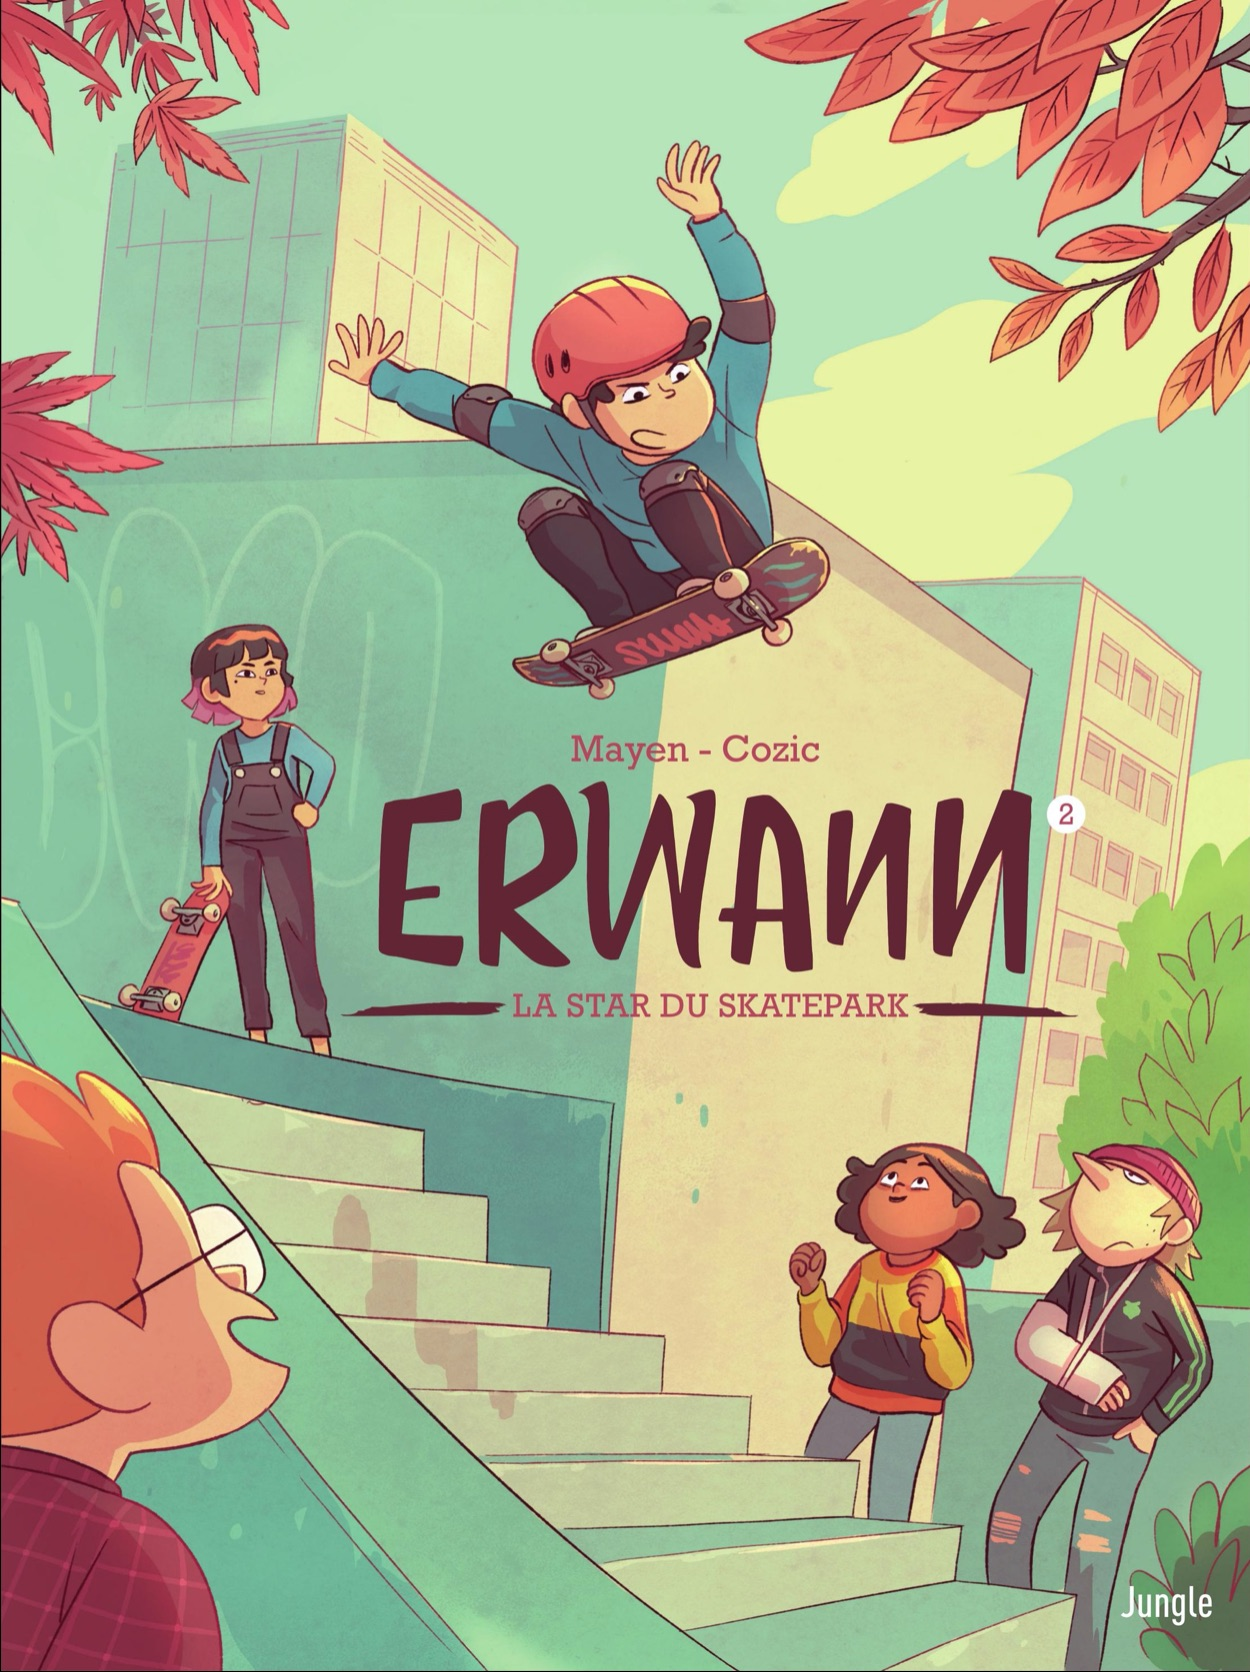 erwann-couv